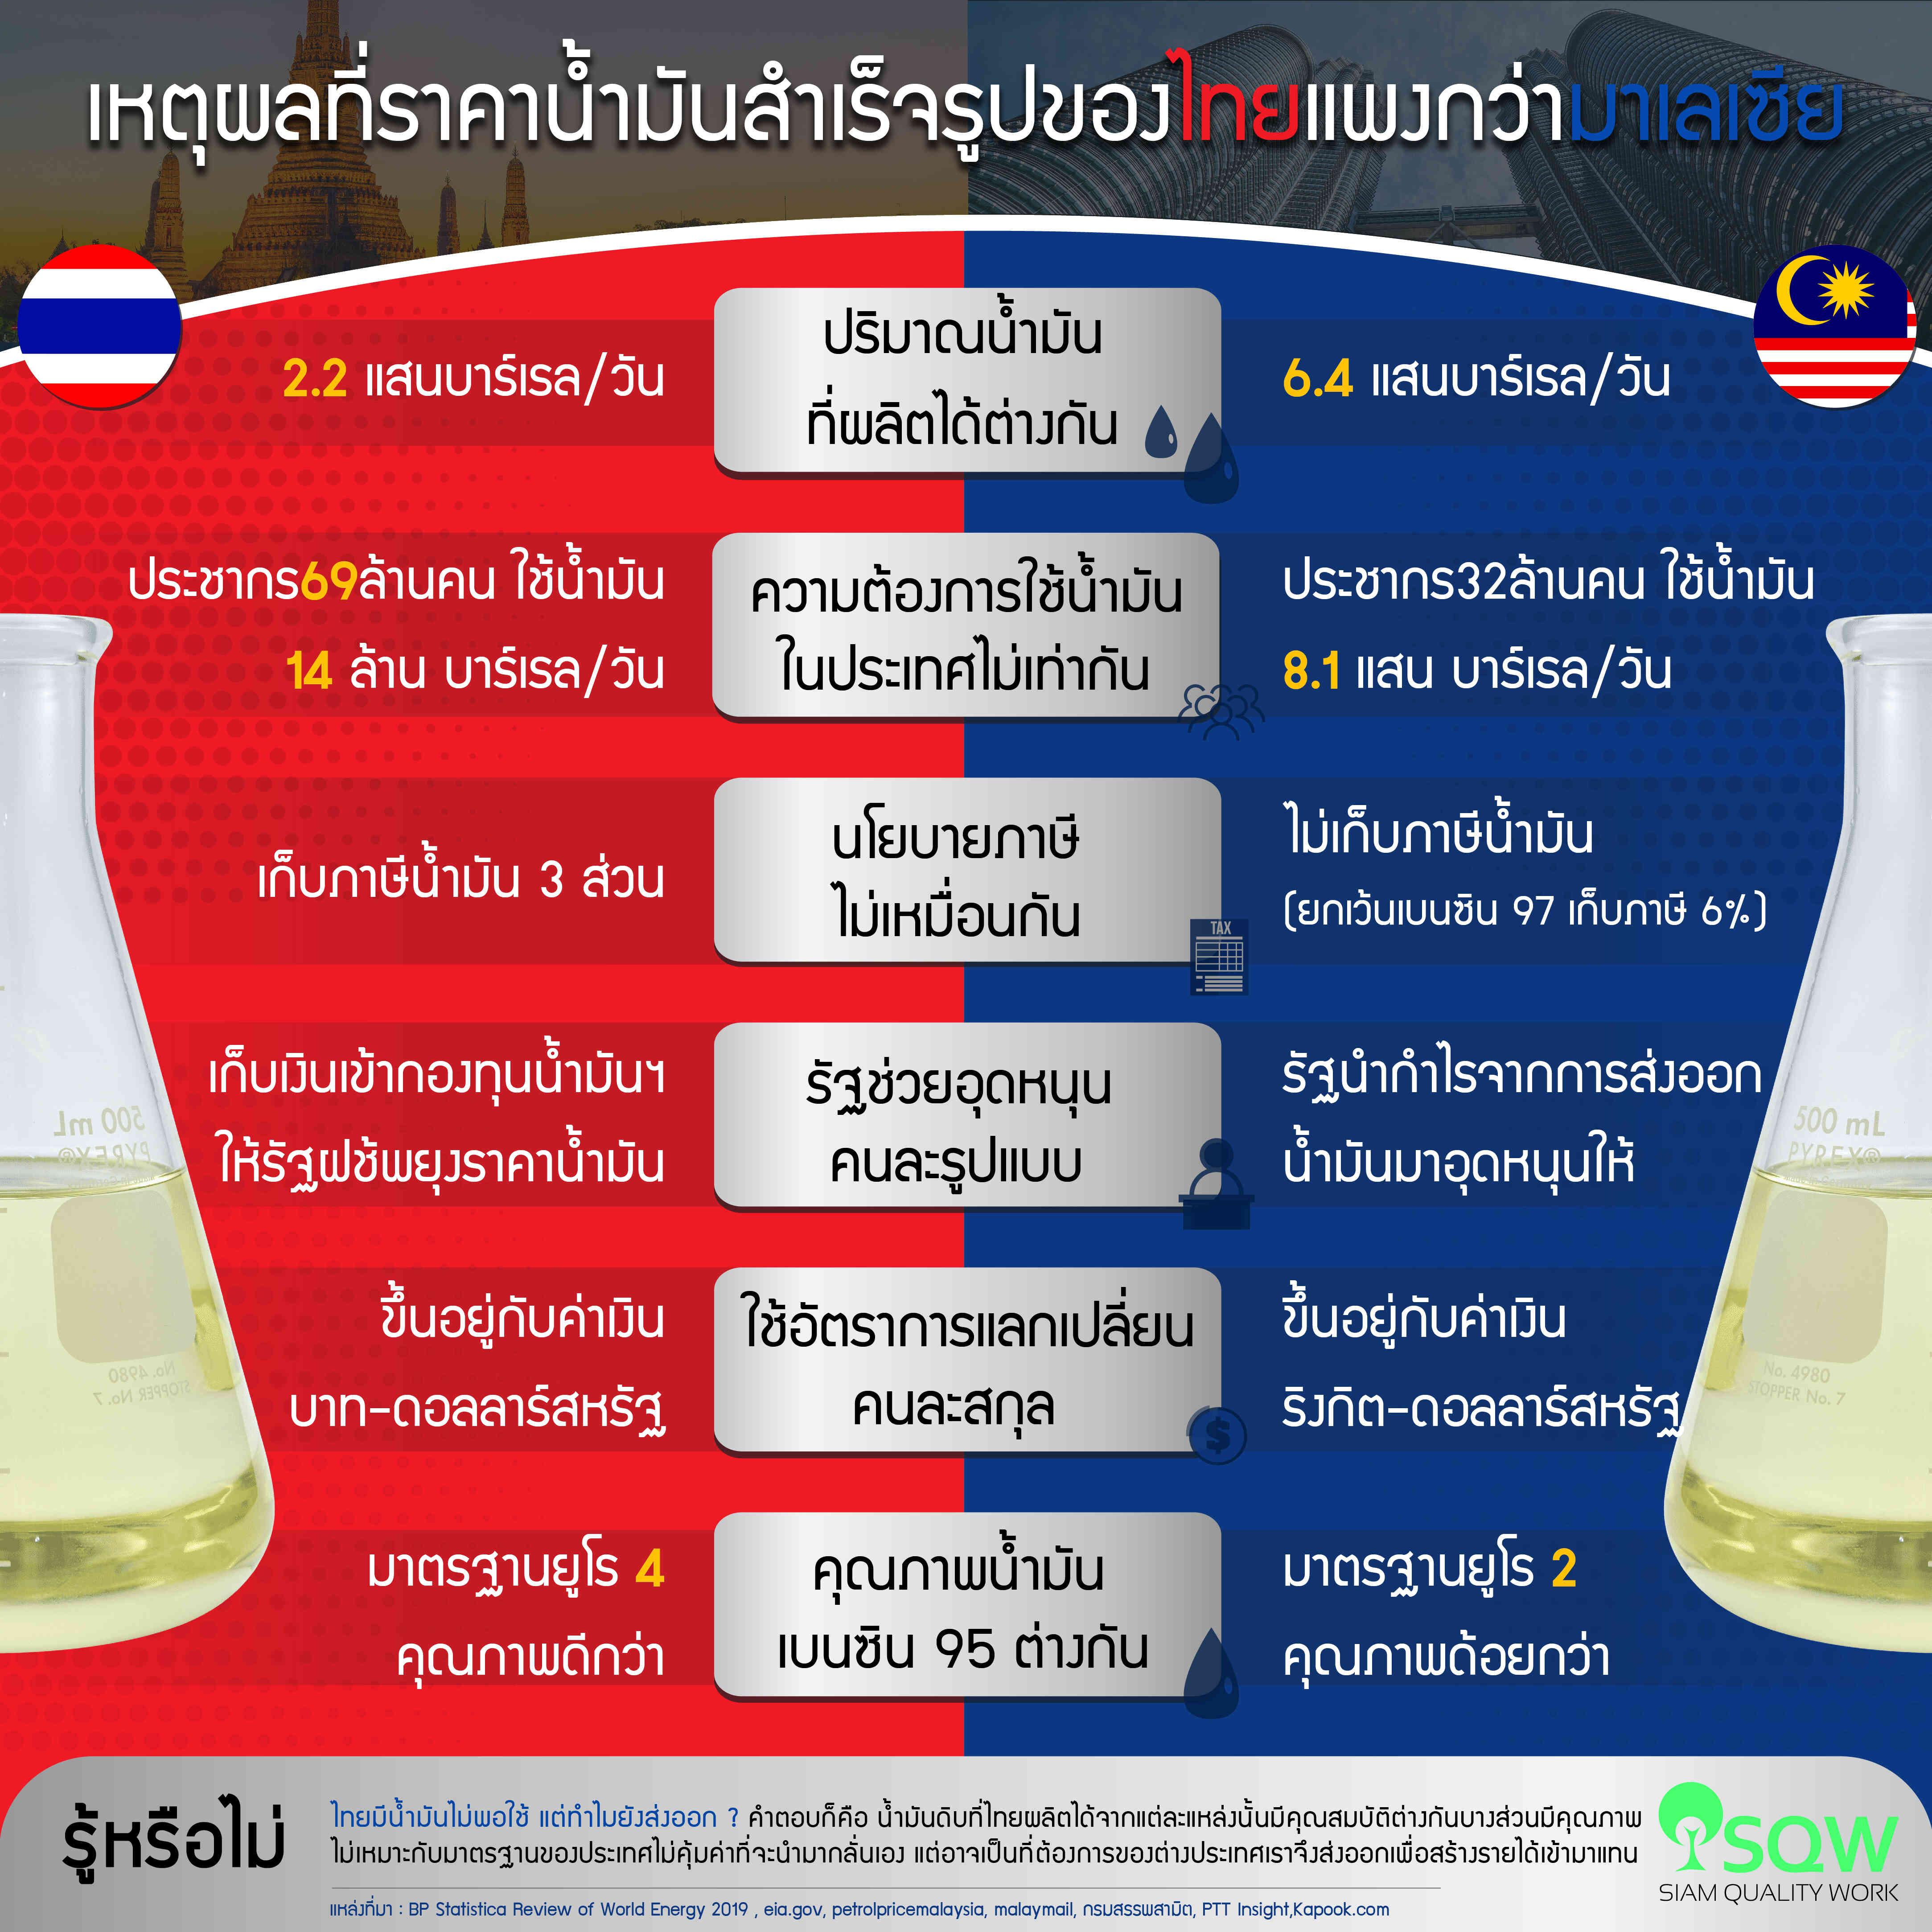 ทำไมราคาน้ำมันสำเร็จรูปของไทยแพงกว่ามาเลเซีย